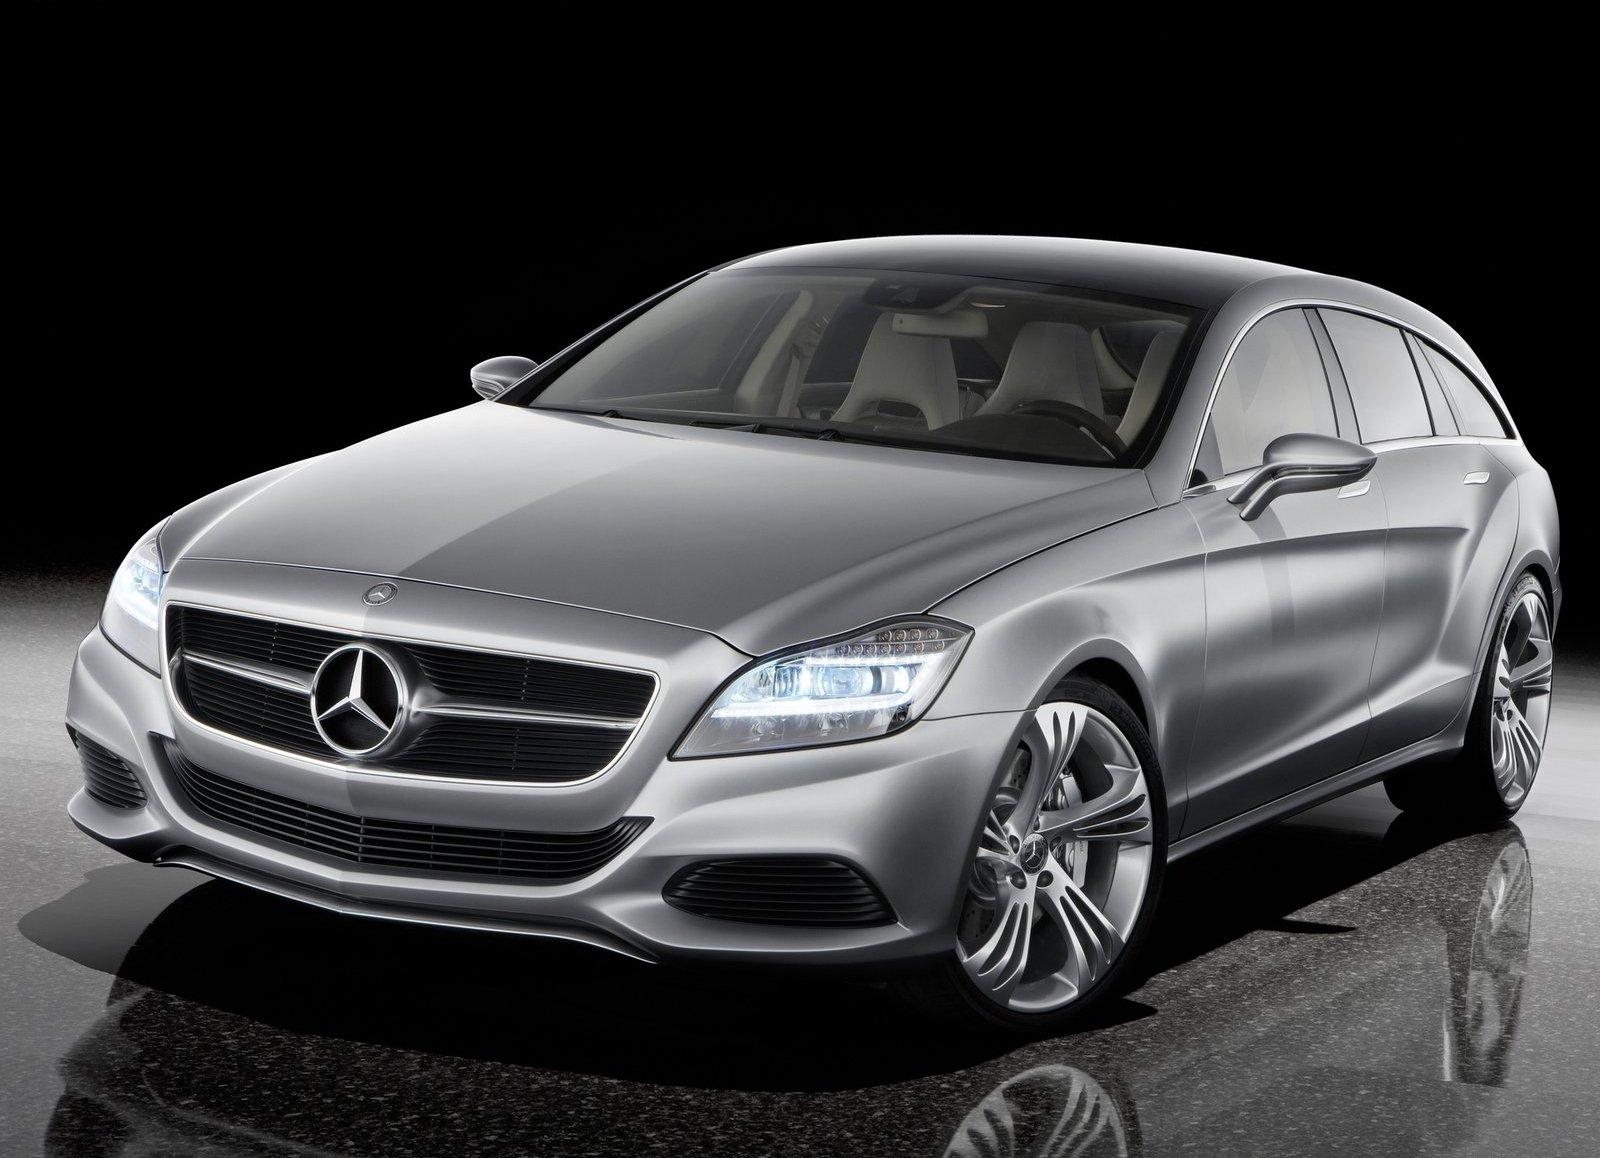 Wallpaper de coches mercedes benz del a o 2010 fondos for Mercedes benz delaware